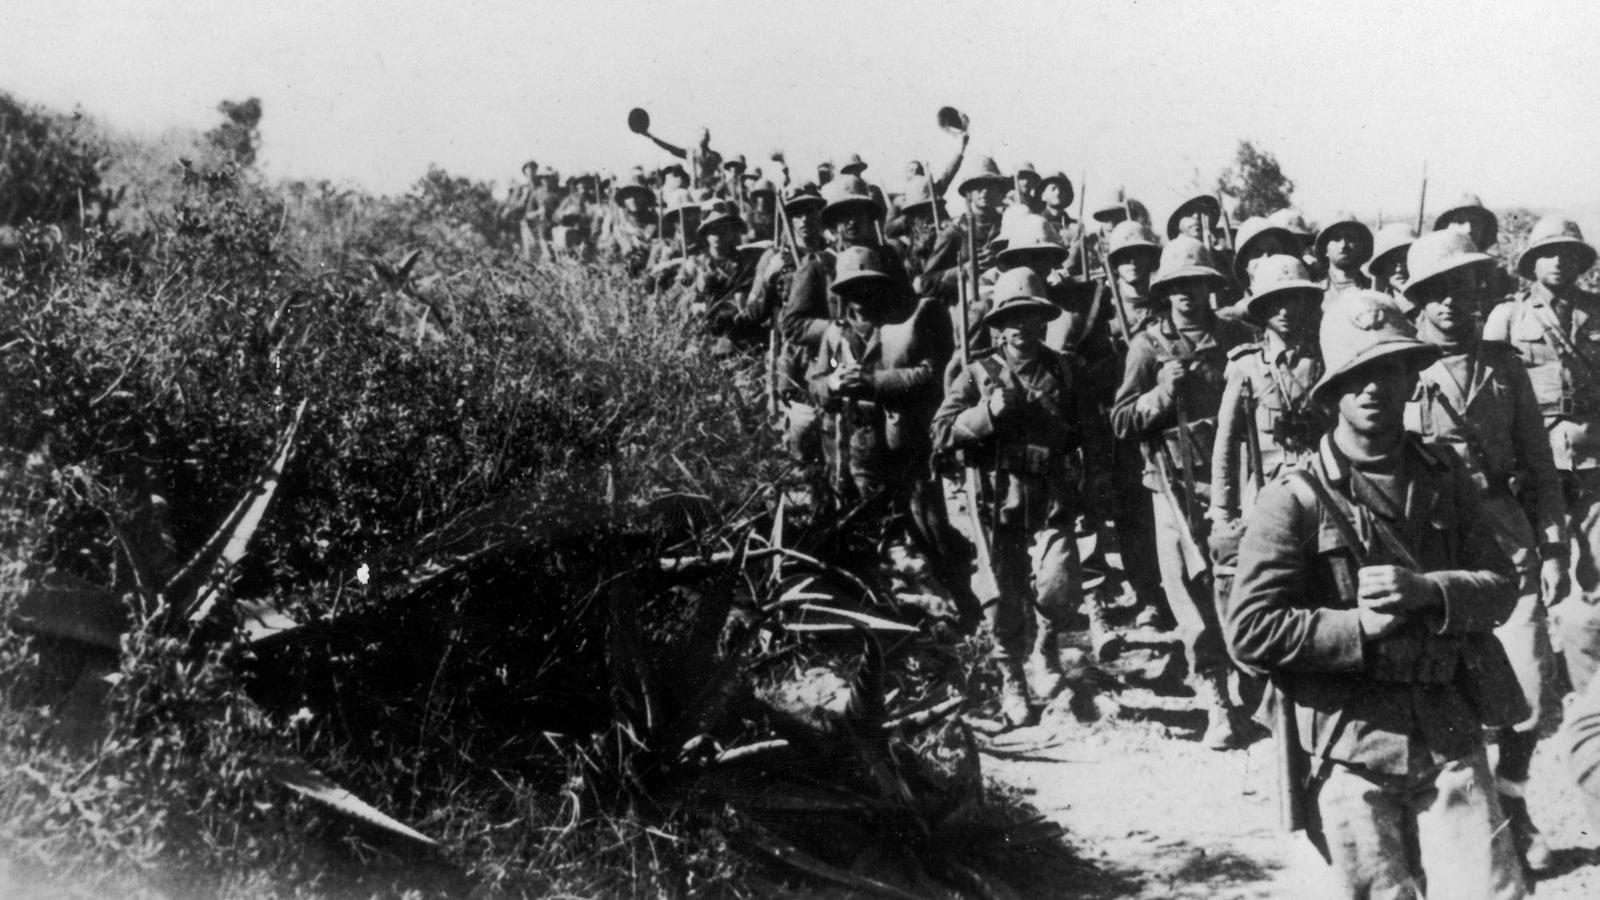 Photo en noir et blanc de soldats marchant près de buissons.